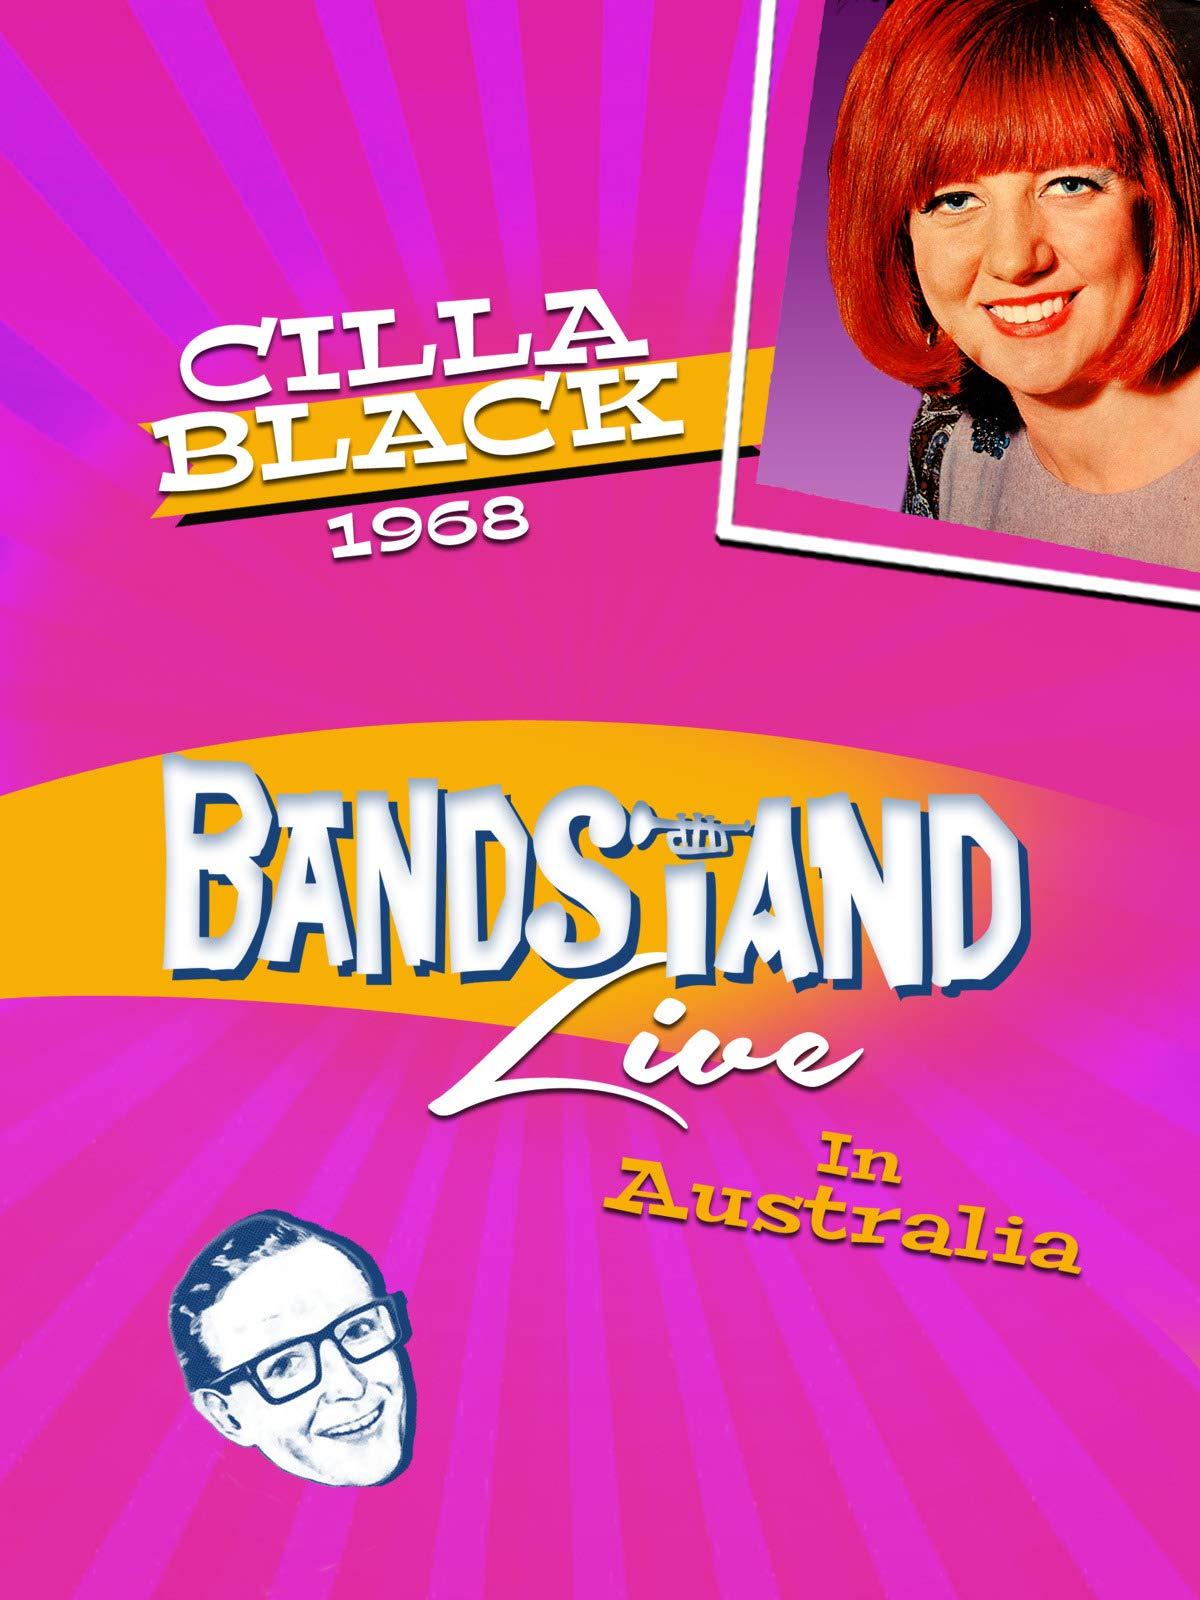 Bandstand Live in Australia: Cilla Black on Amazon Prime Video UK